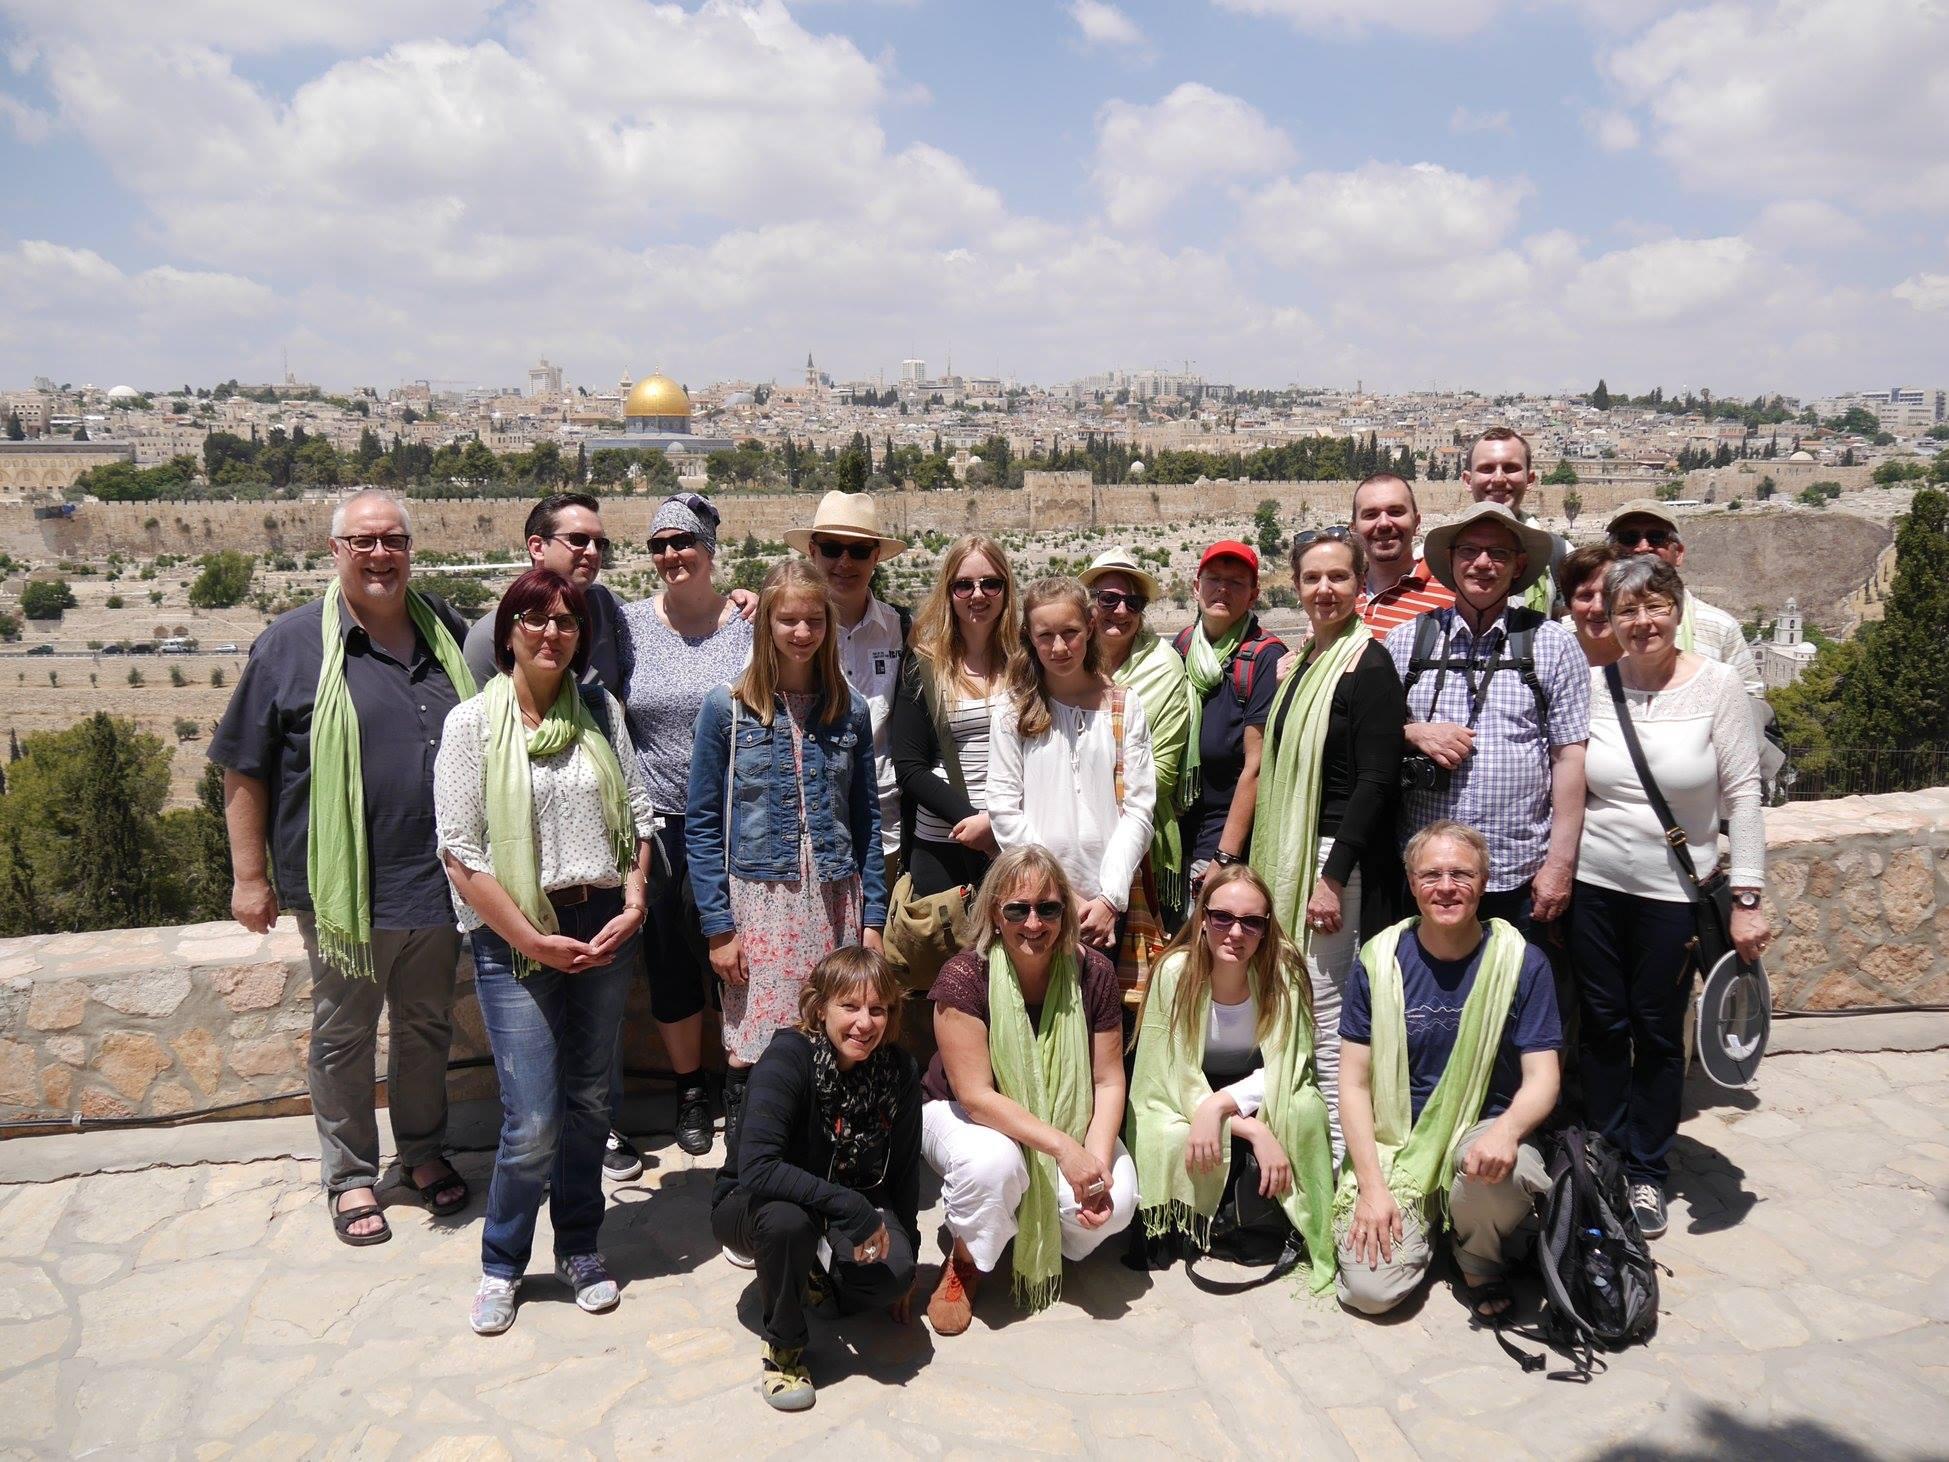 Unvergessliche Eindrücke: Familien Auf Pilgerreise Ins Heilige Land